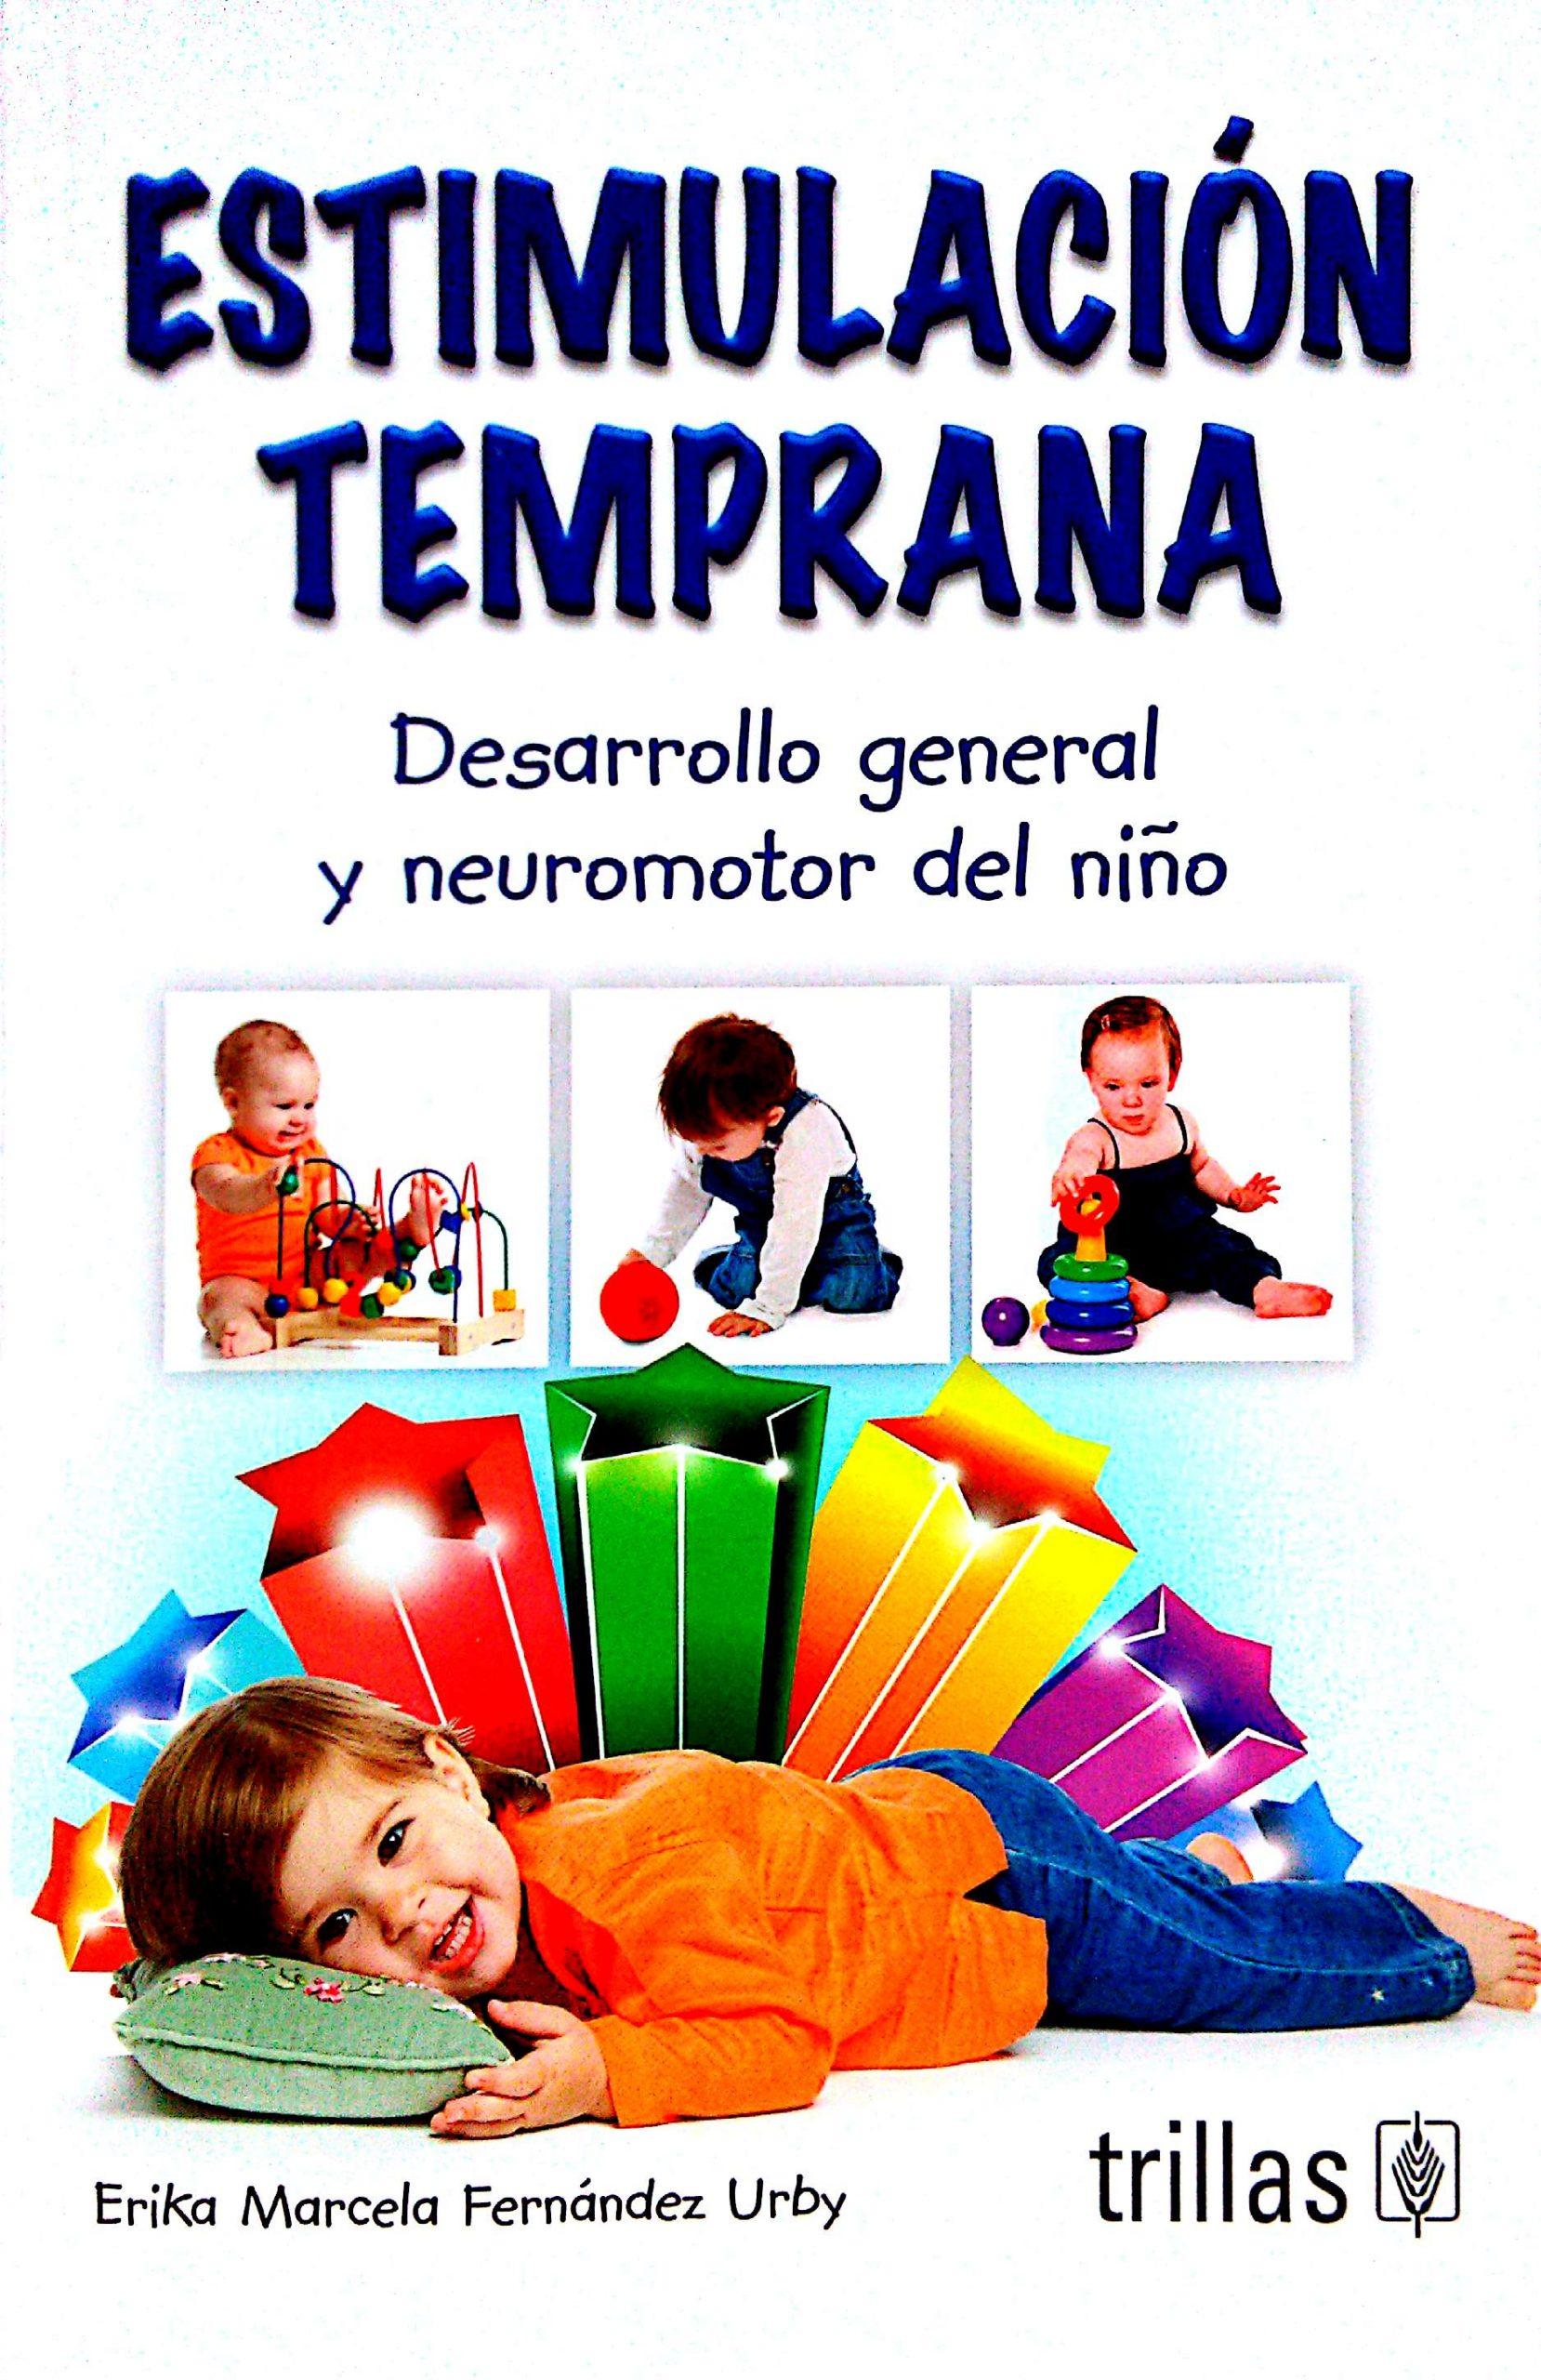 Estimulación temprana. Desarrollo general y neuromotor del niño.